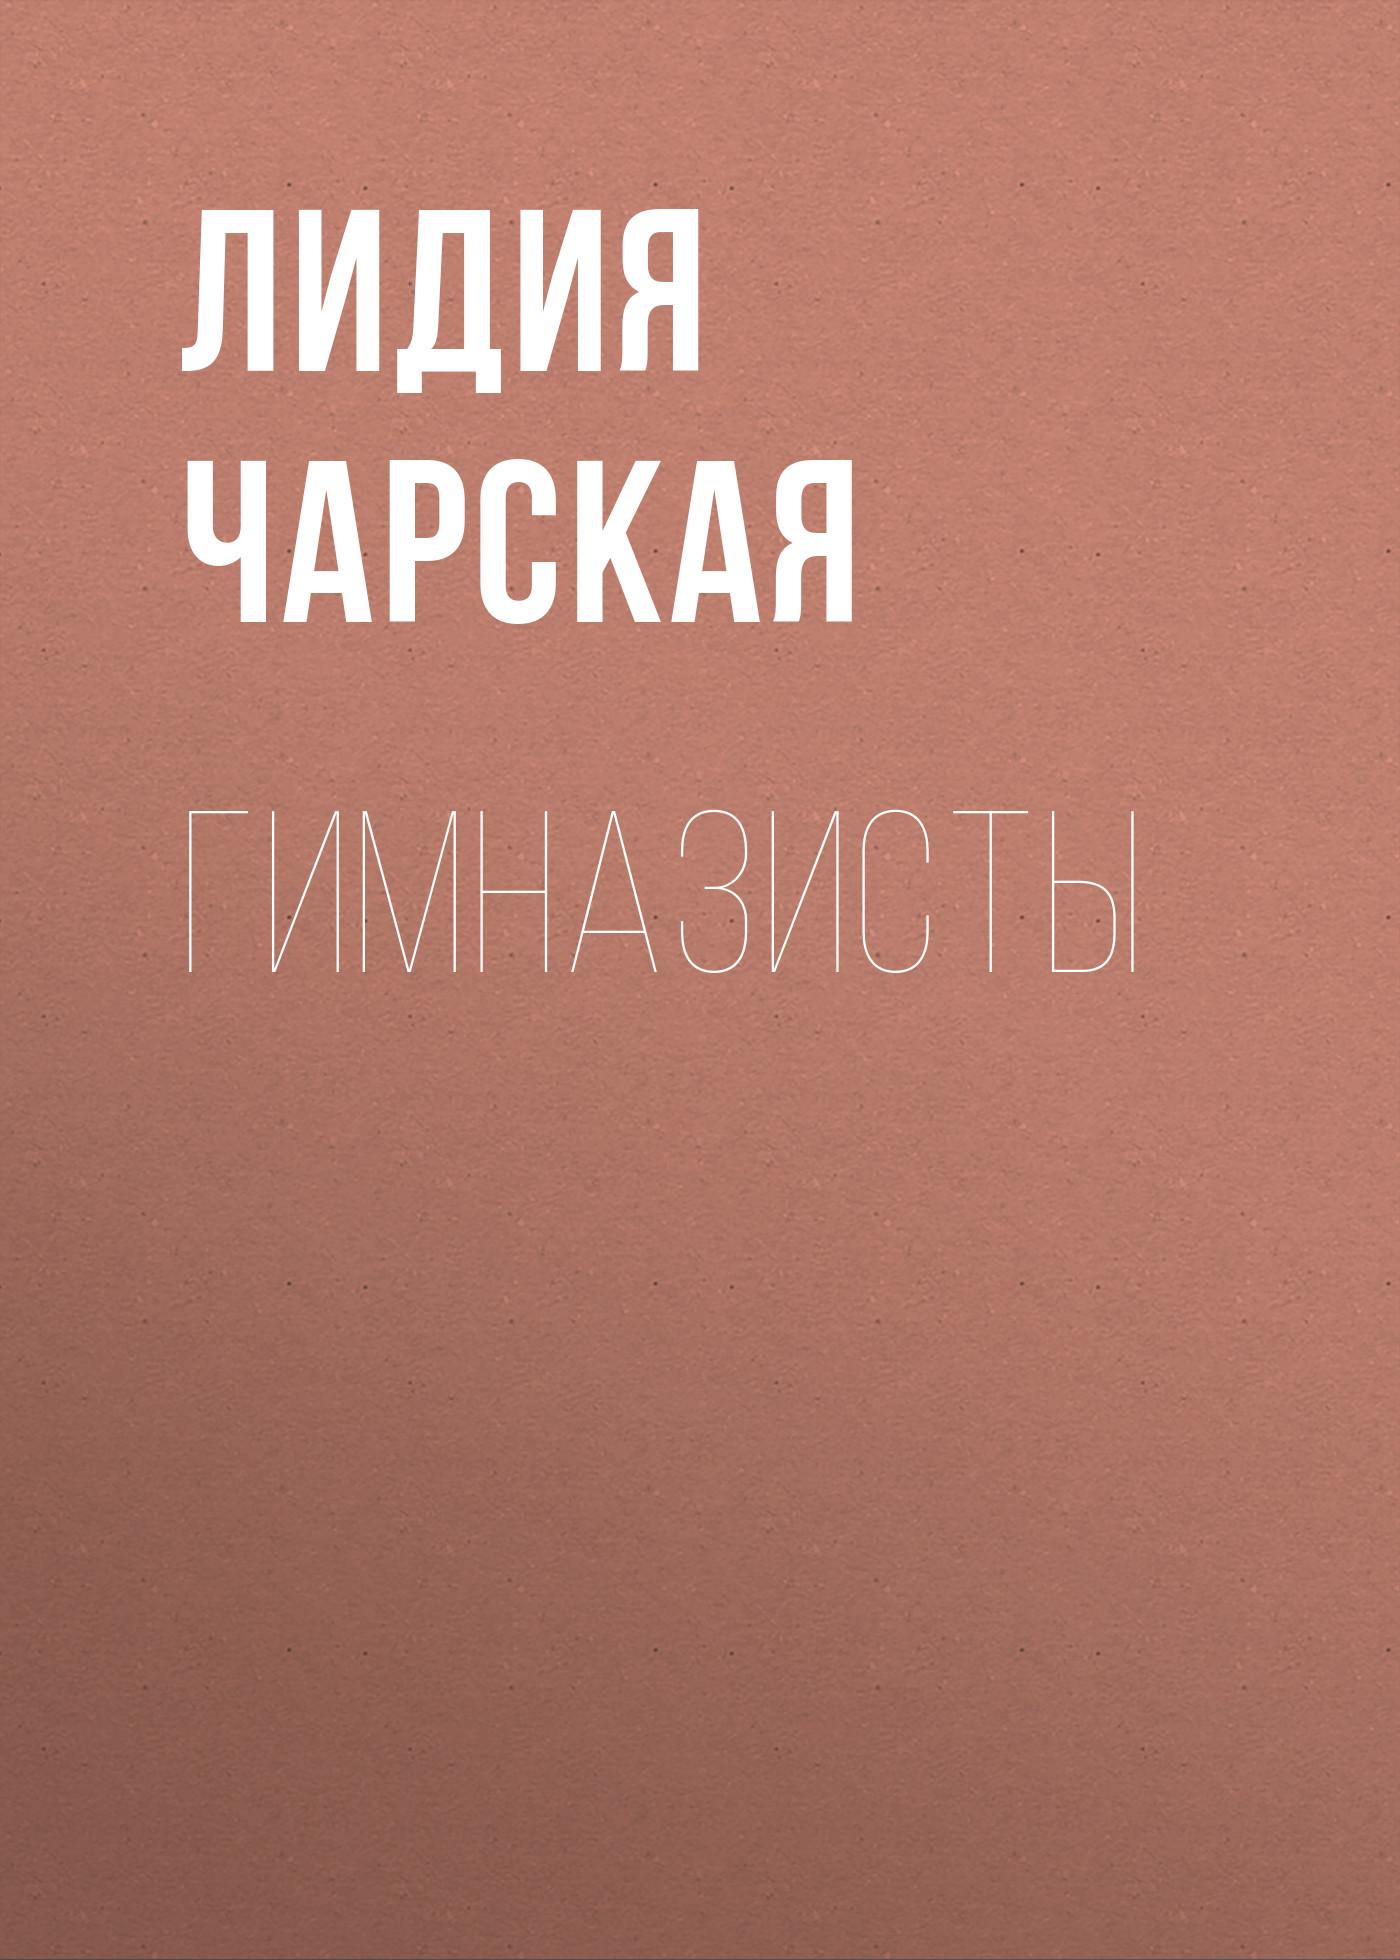 Купить книгу Гимназисты, автора Лидии Чарской